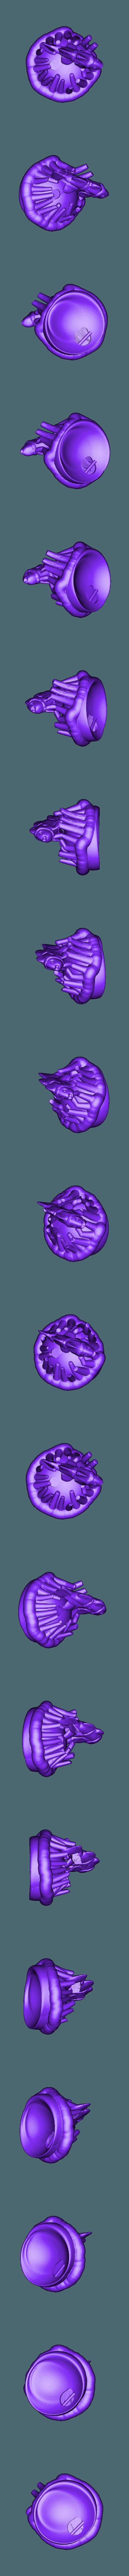 clown_part.stl Télécharger fichier STL gratuit Veilleuse à l'anémone de mer et aux poissons clowns • Design imprimable en 3D, Pza4Rza